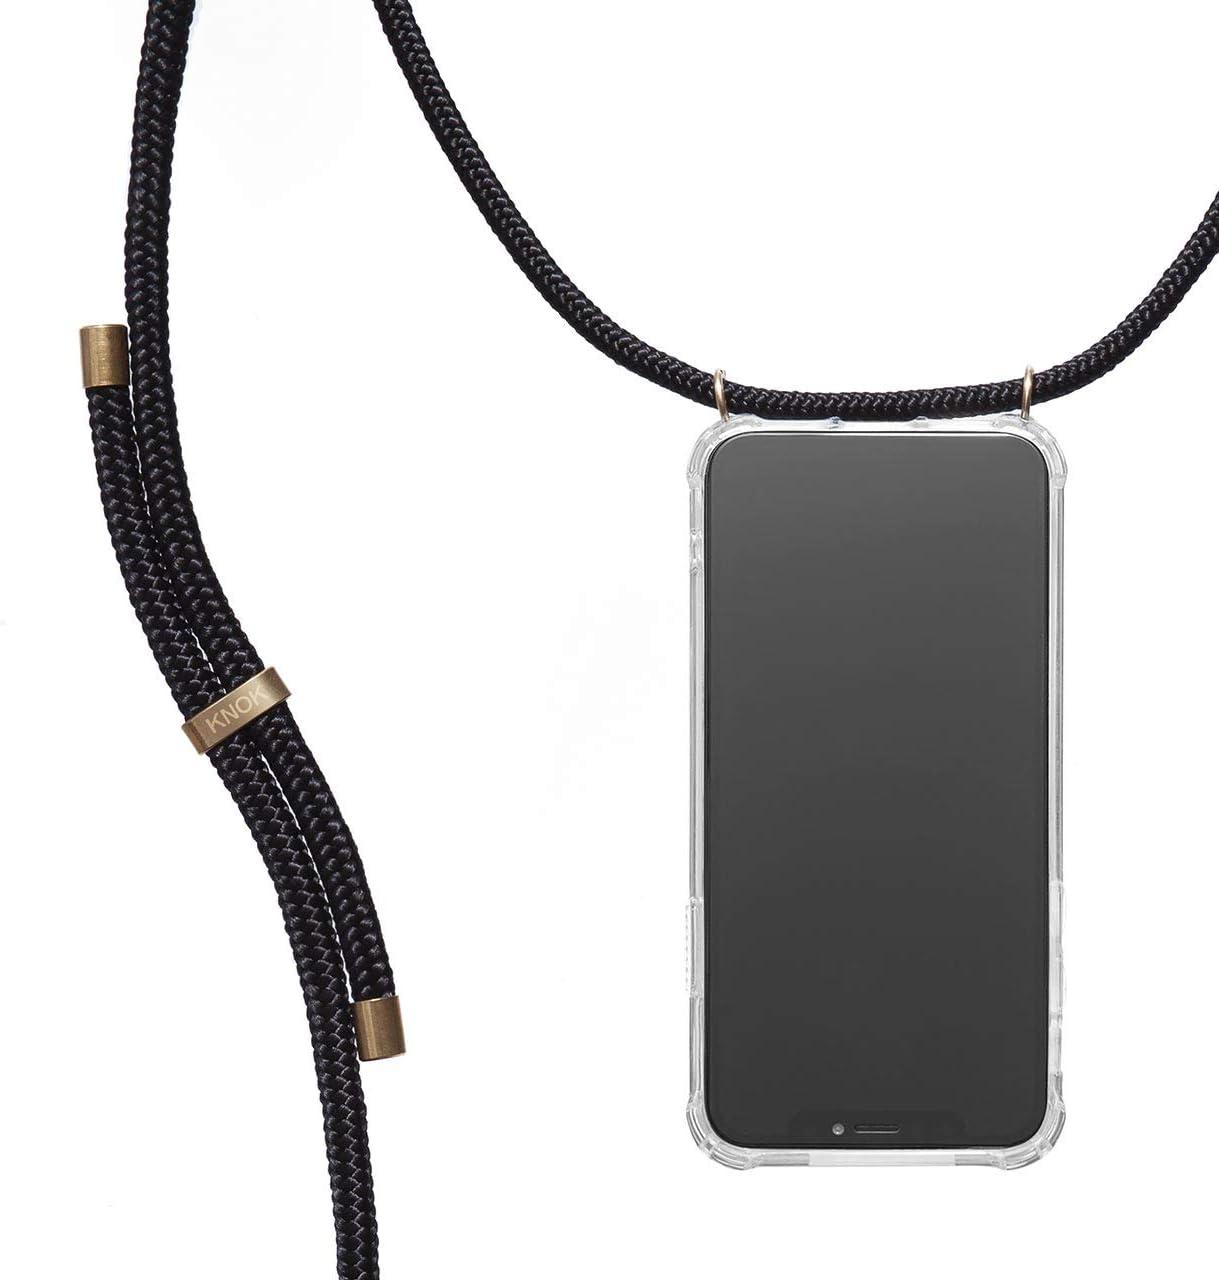 KNOK Case Carcasa de movil con Cuerda para Colgar iPhone 11 Pro MAX - Funda para iPhone/Samsung/Huawei con Correa Colgante - con Cordon para Llevar en el Cuello